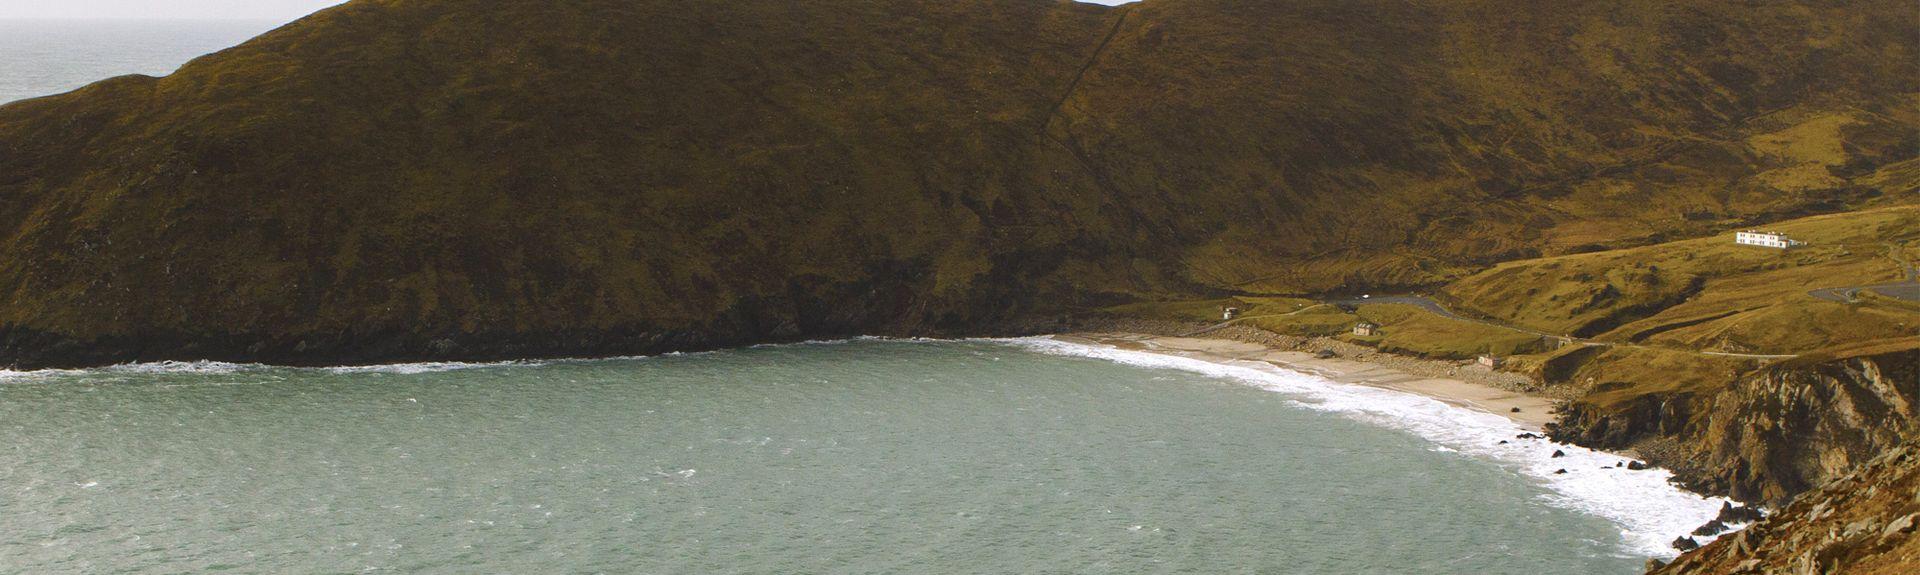 Achill Island Golf Club, Achill Island, Ireland